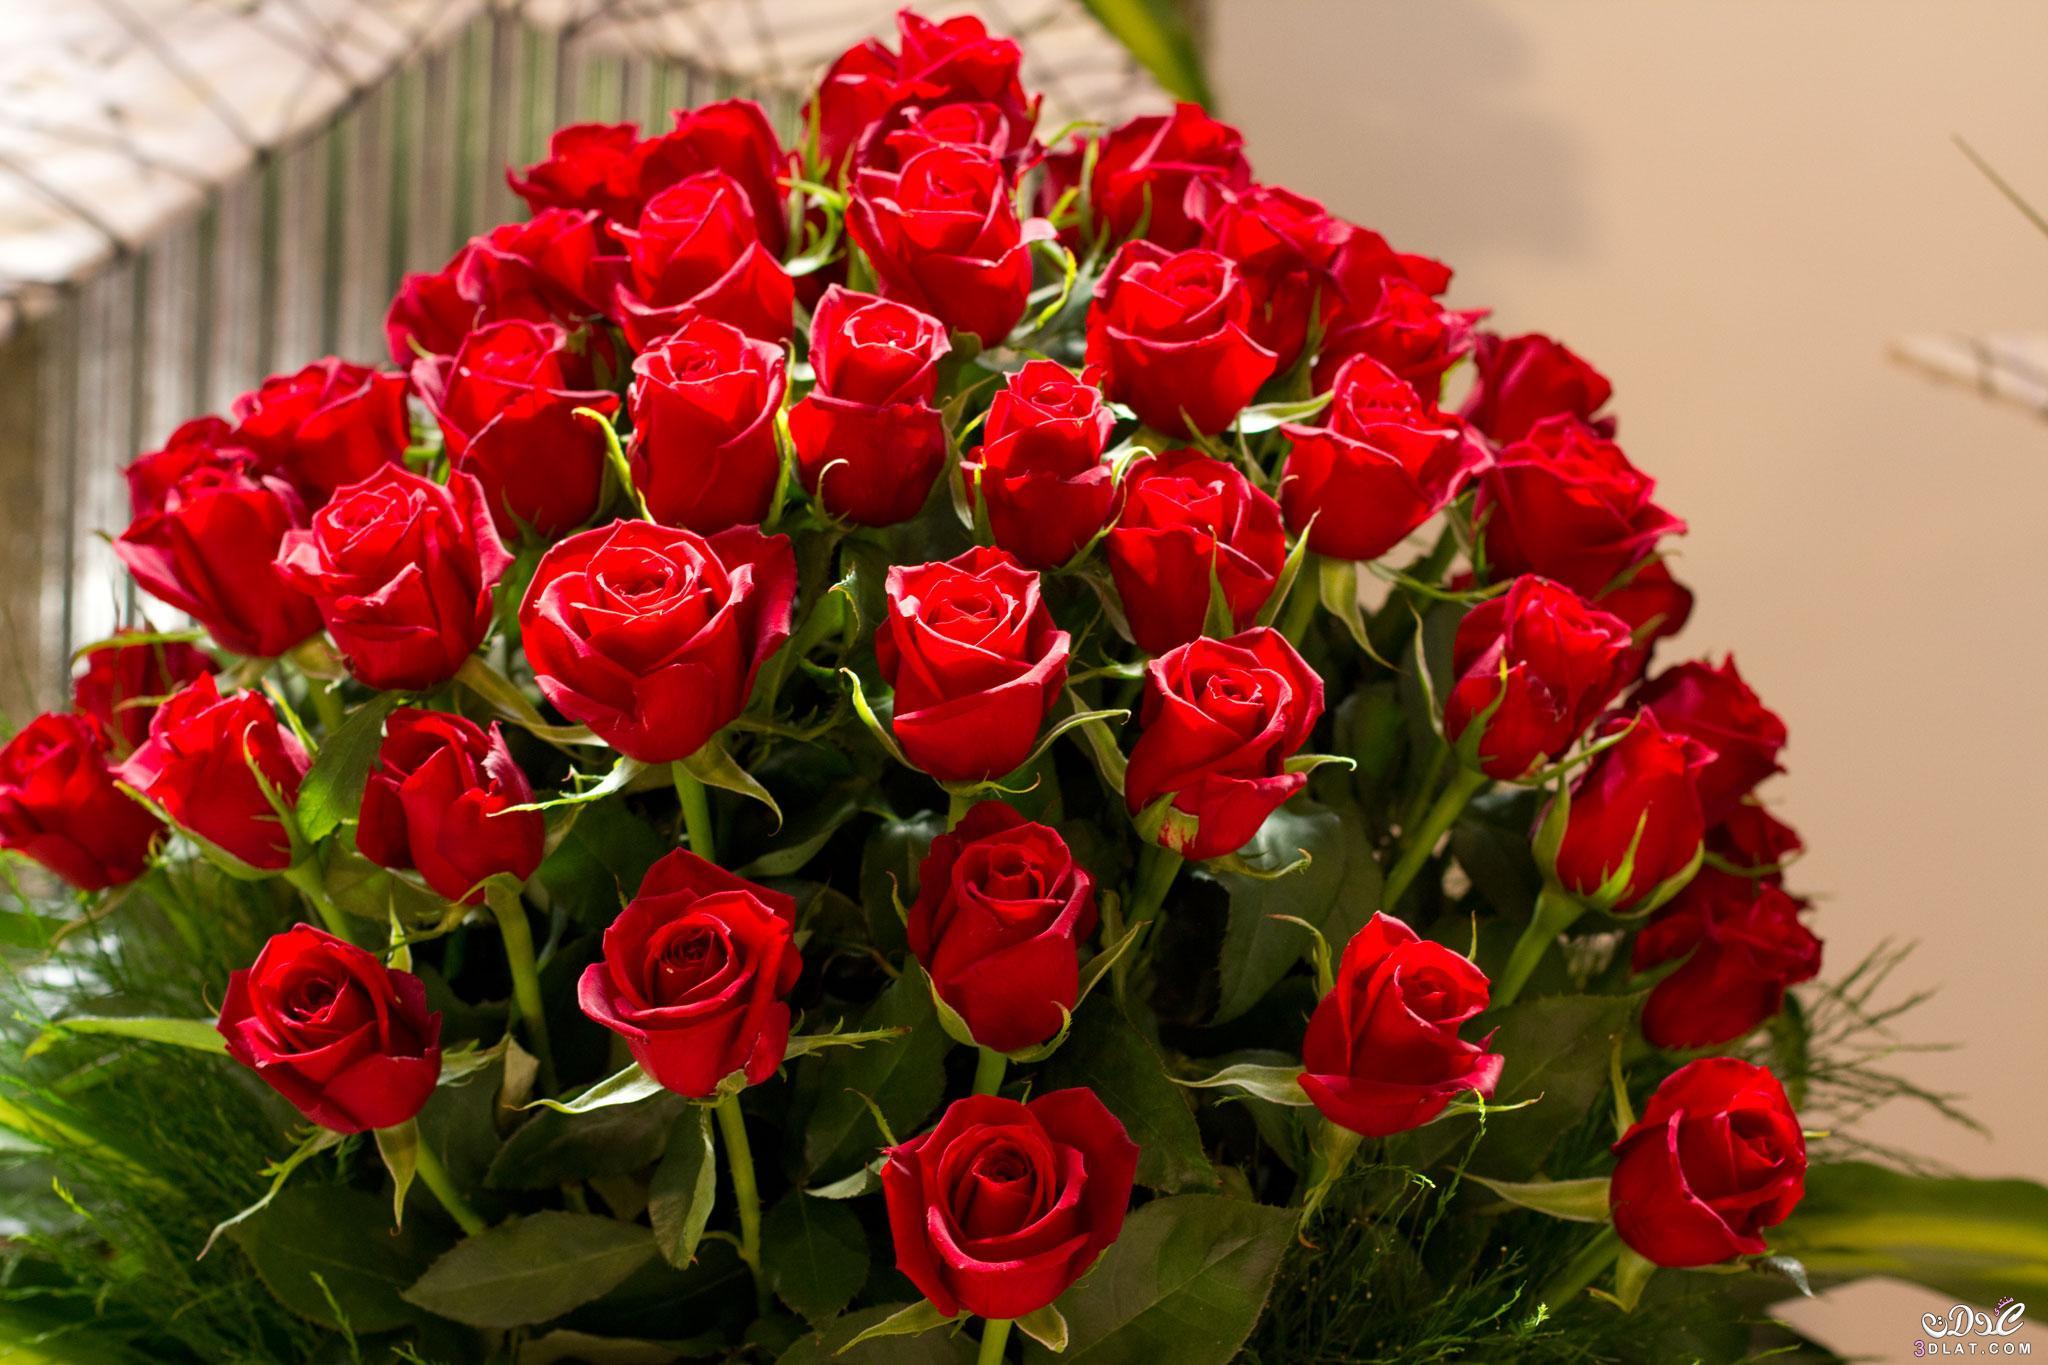 بالصور صور اجمل الورود , صور ائعة لاجمل الورود 5680 1